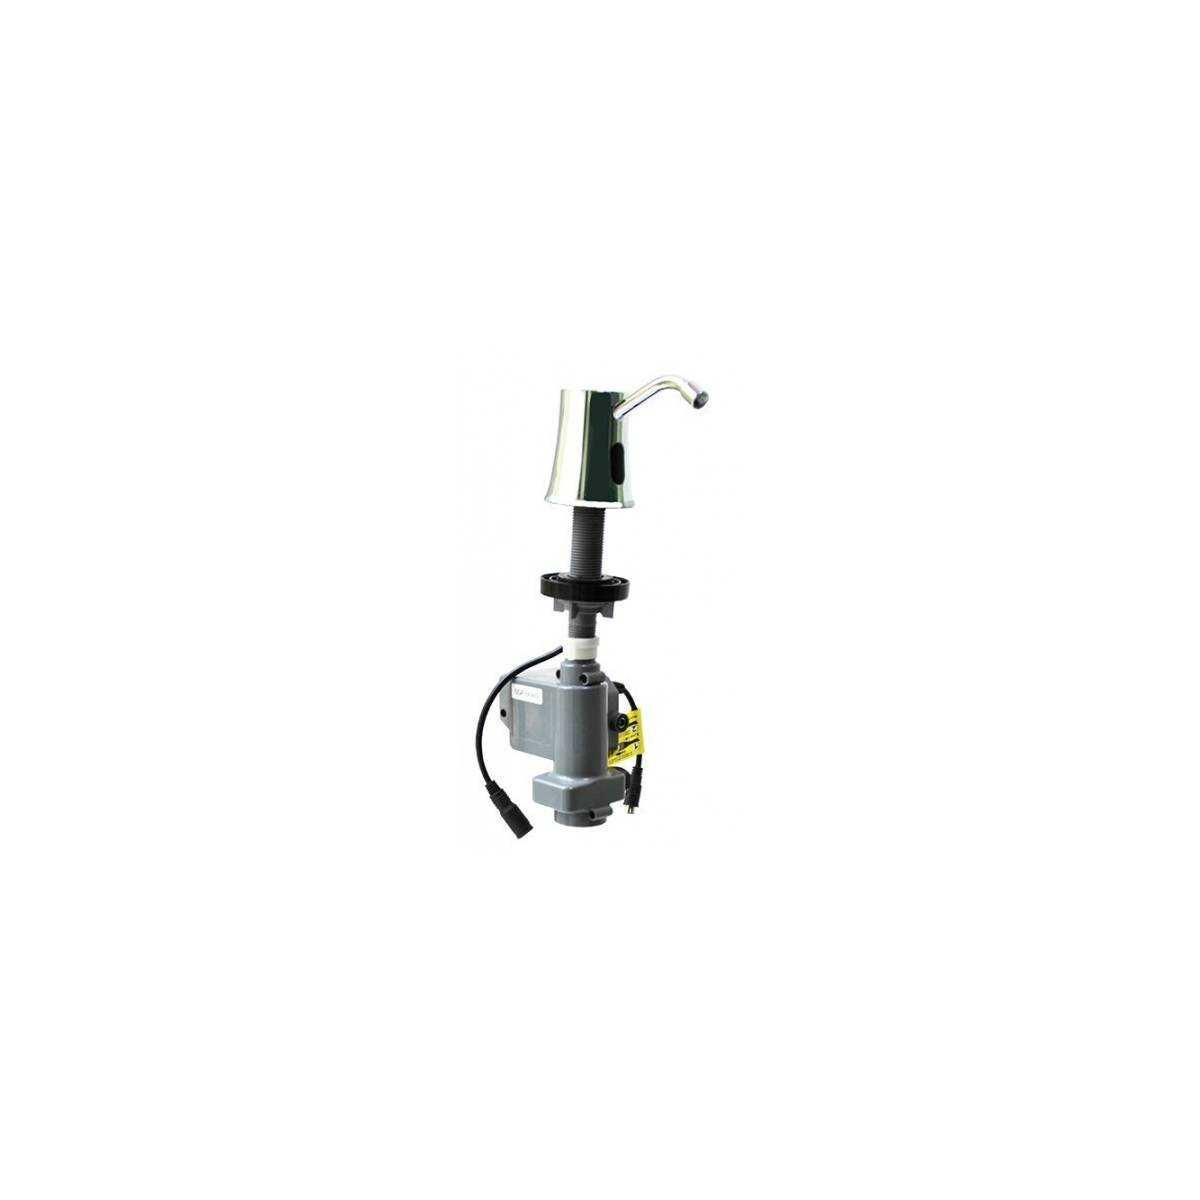 Дозатор жидкого мыла сенсорный встраиваемый 1,6 л SDA 1600 Gatto